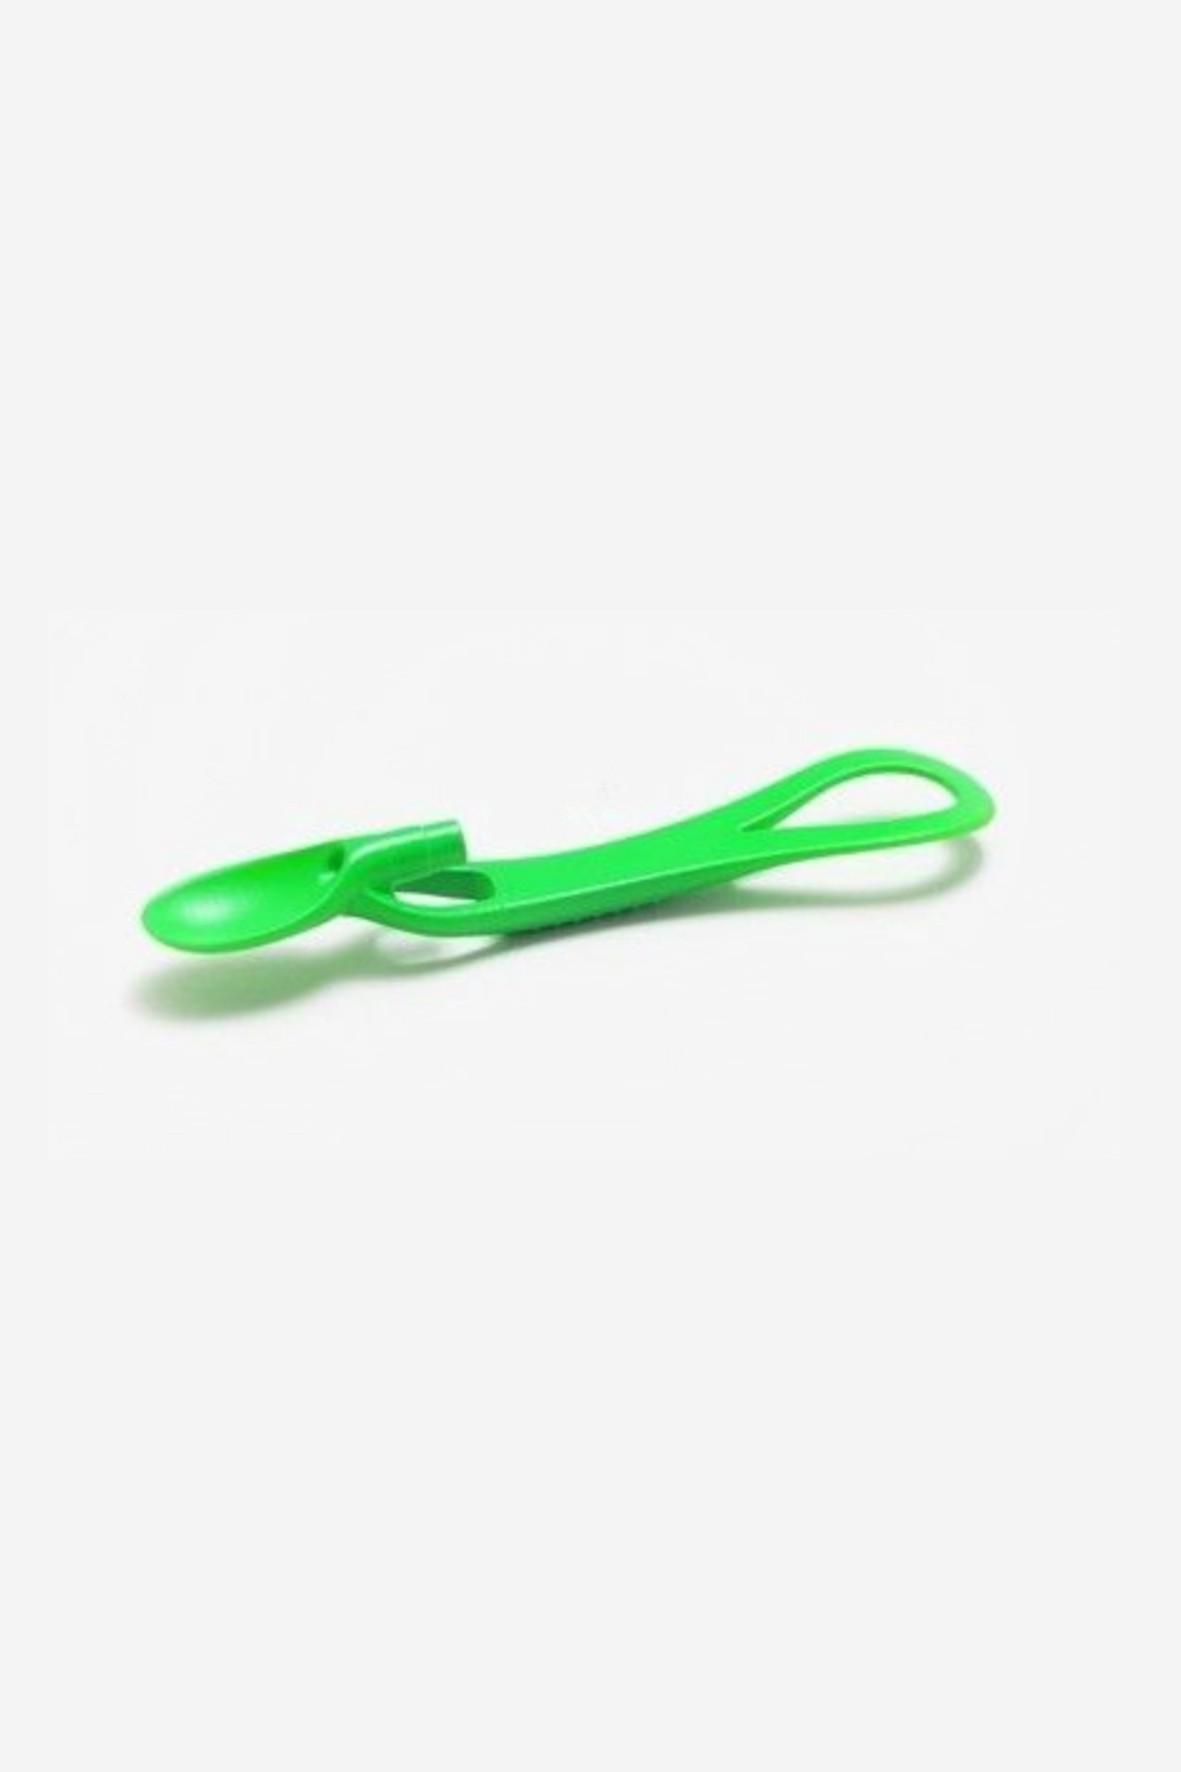 Łyżeczka do karmienia zielona- Fill'n Squeeze